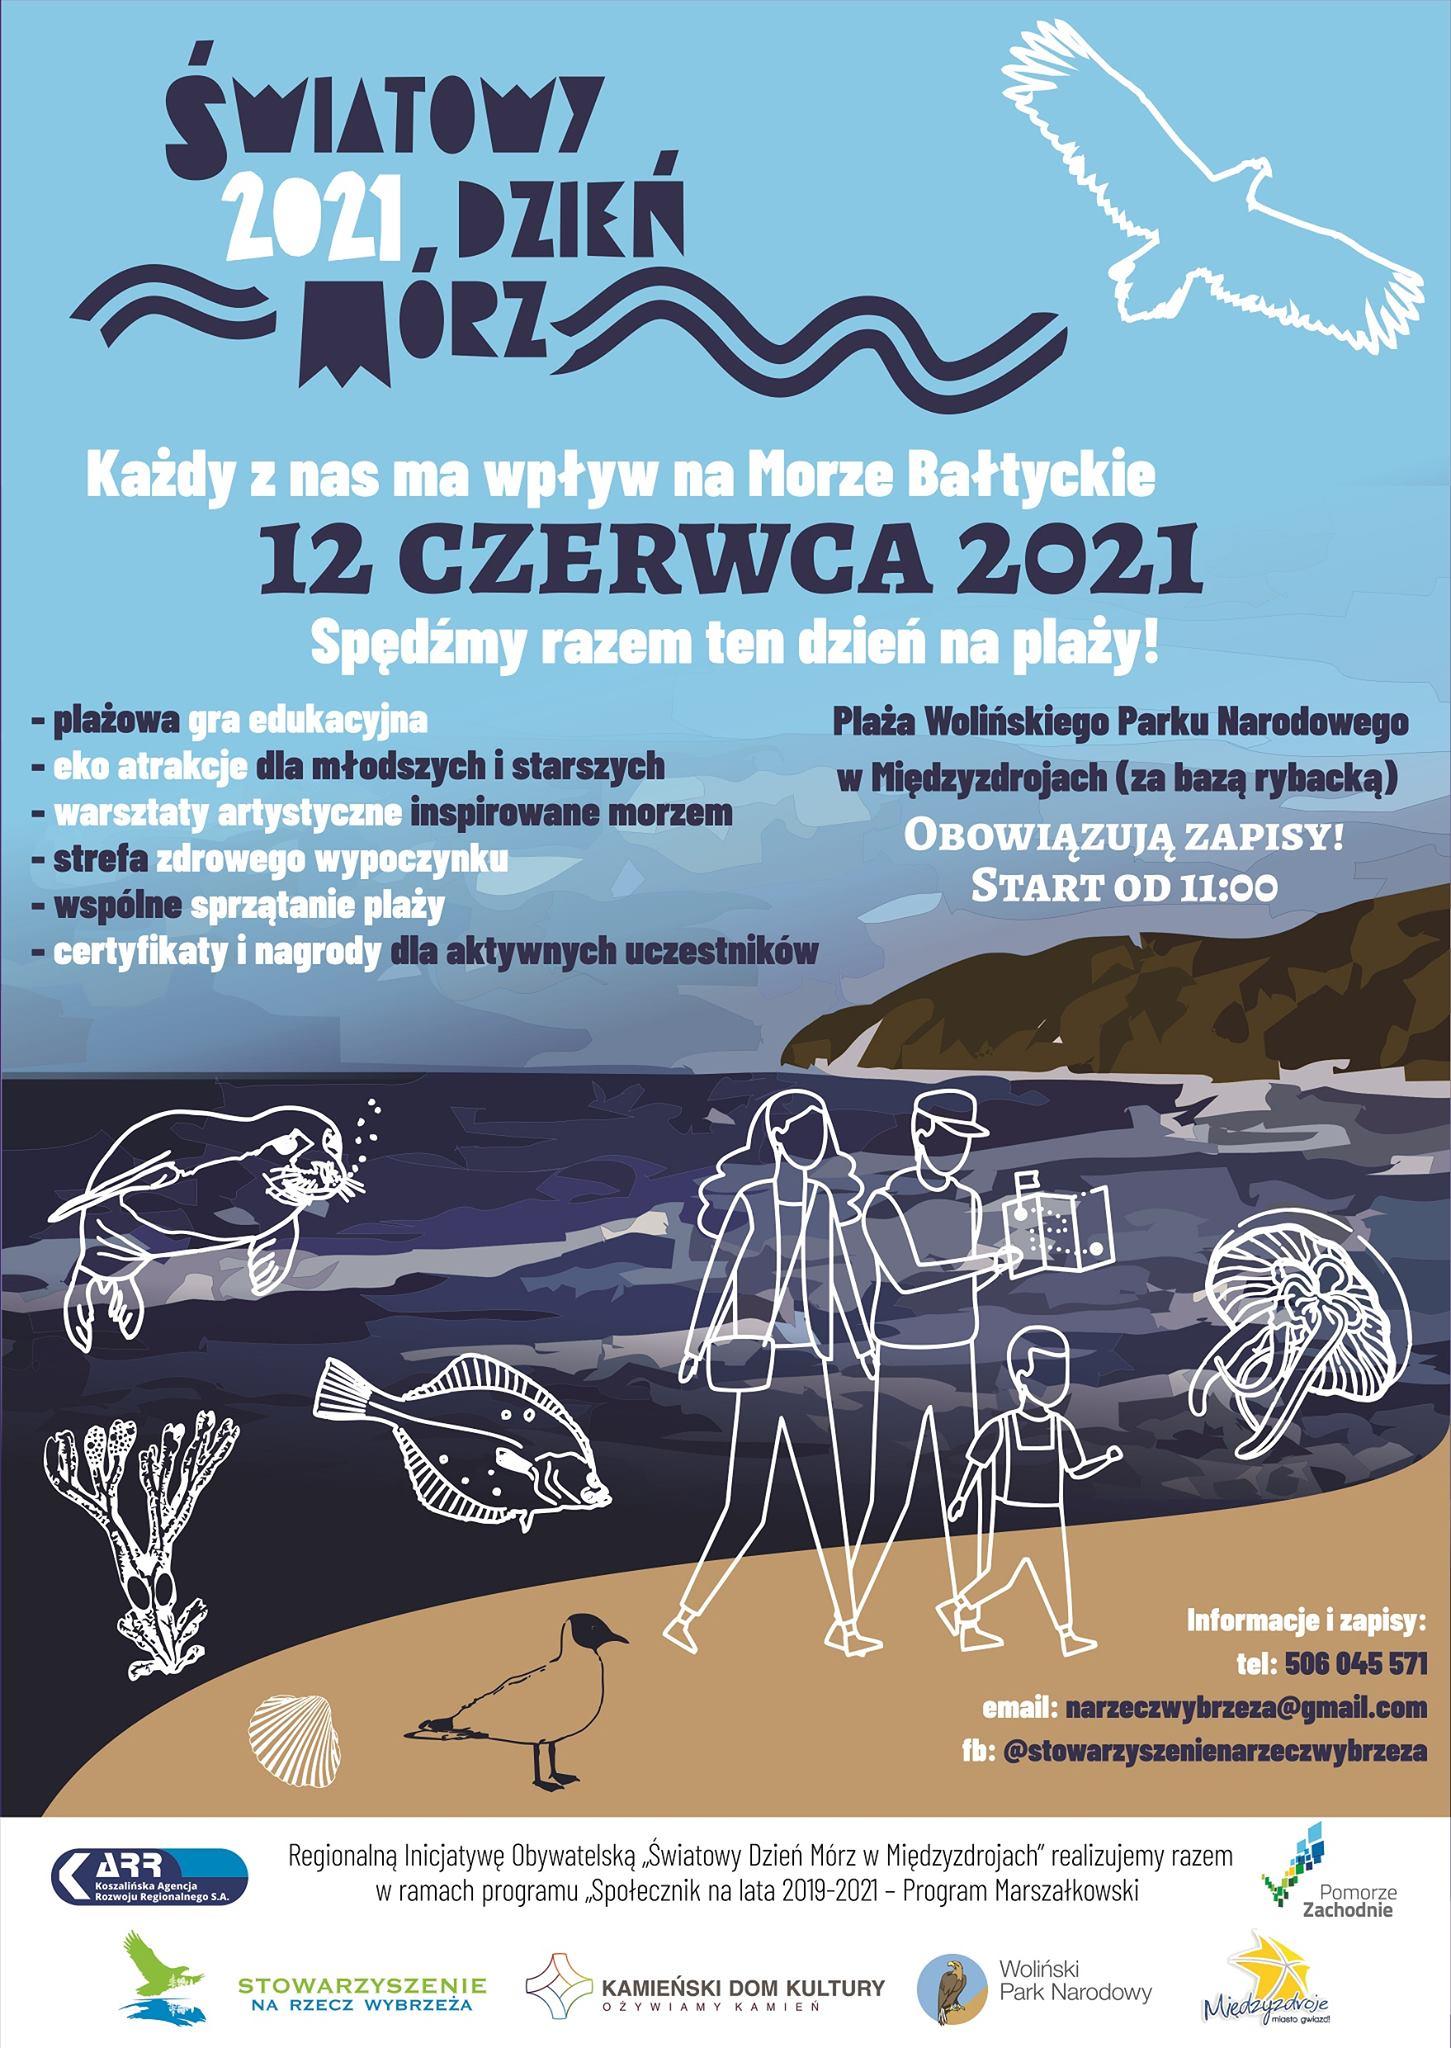 Kamieński Dom Kultury na Światowym Dniu Mórz w Międzyzdrojach, już 12 czerwca!